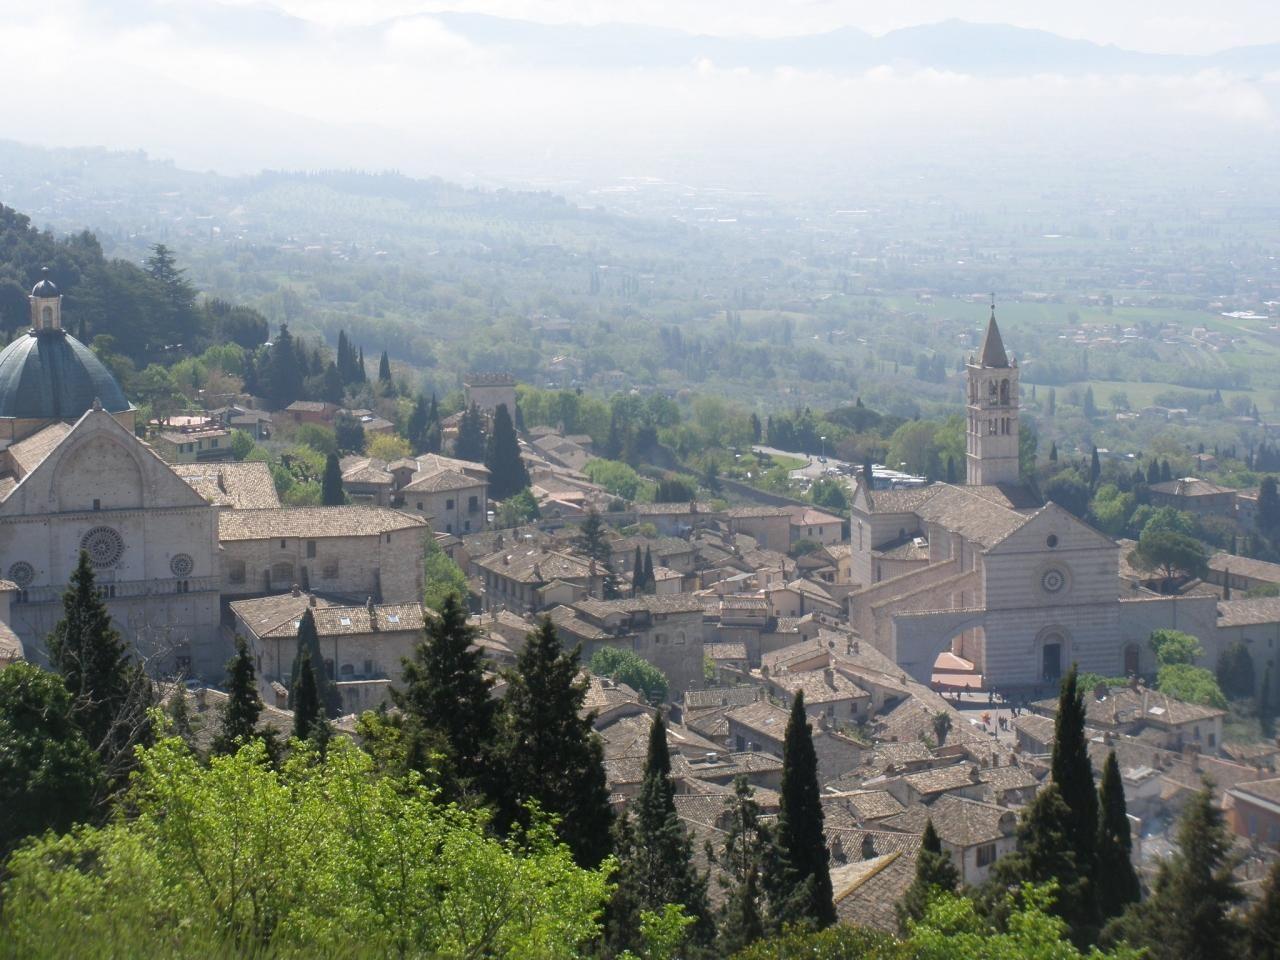 イタリアの世界遺産「アッシジ」大聖堂だけじゃない石造りの中世の町